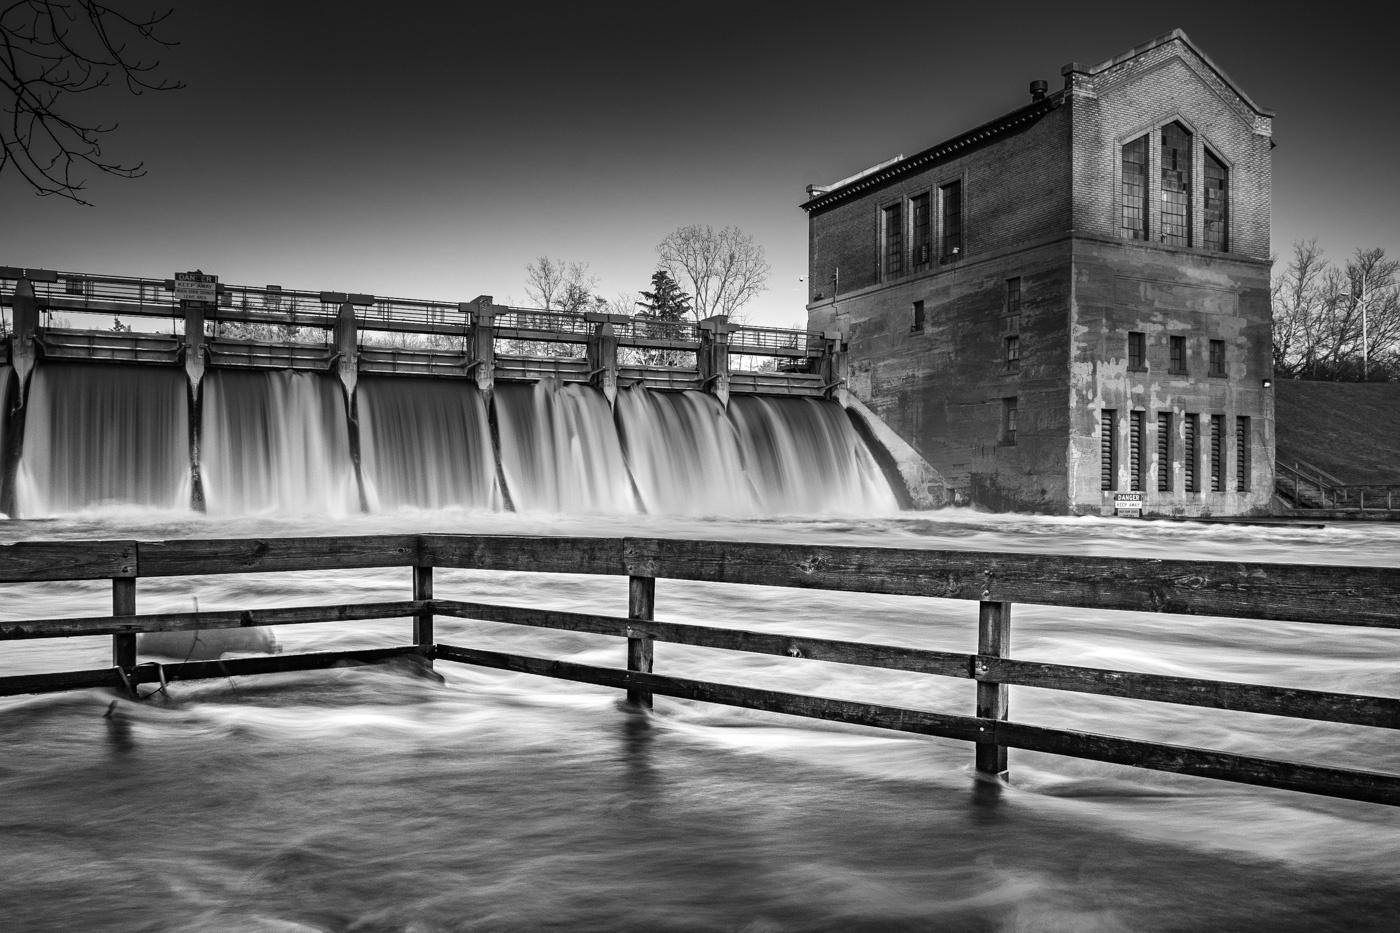 Barton Dam Flood by Tom Egel